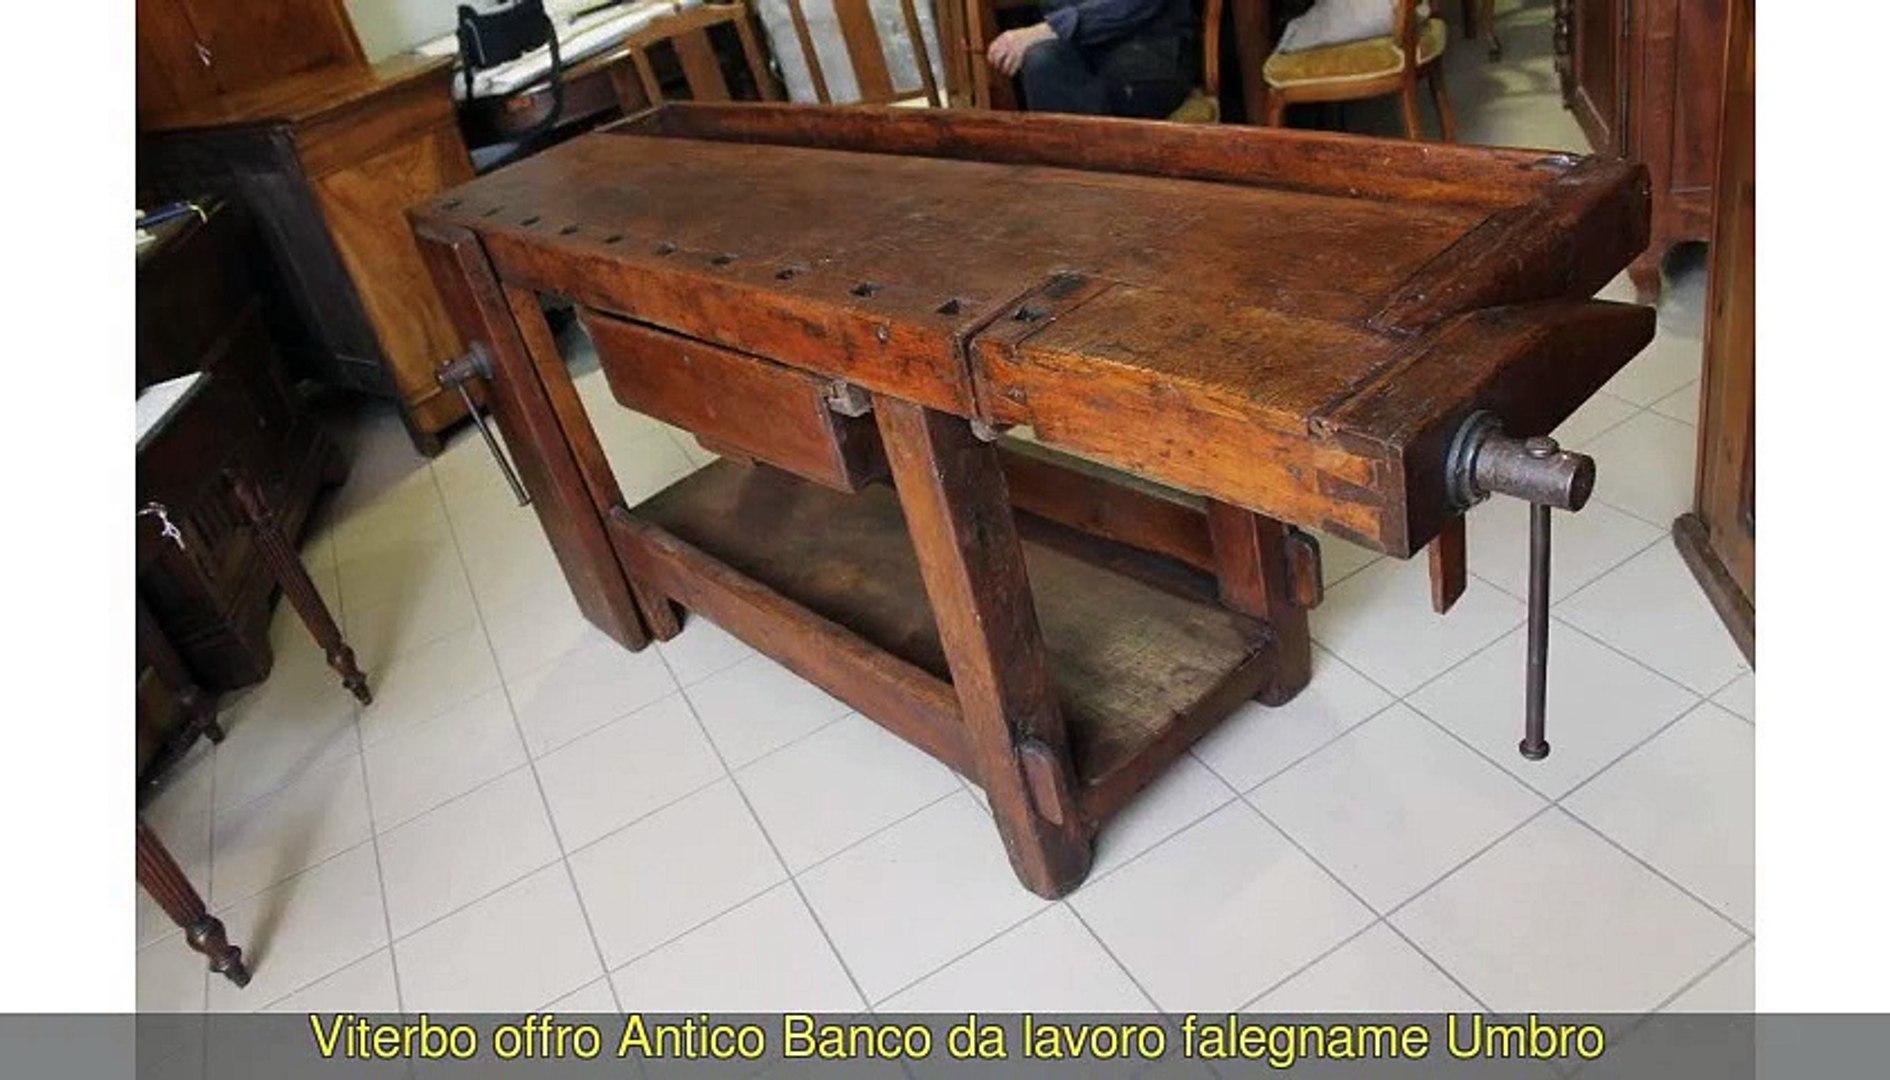 Banco Da Falegname Antico antico banco da lavoro, falegname - video dailymotion